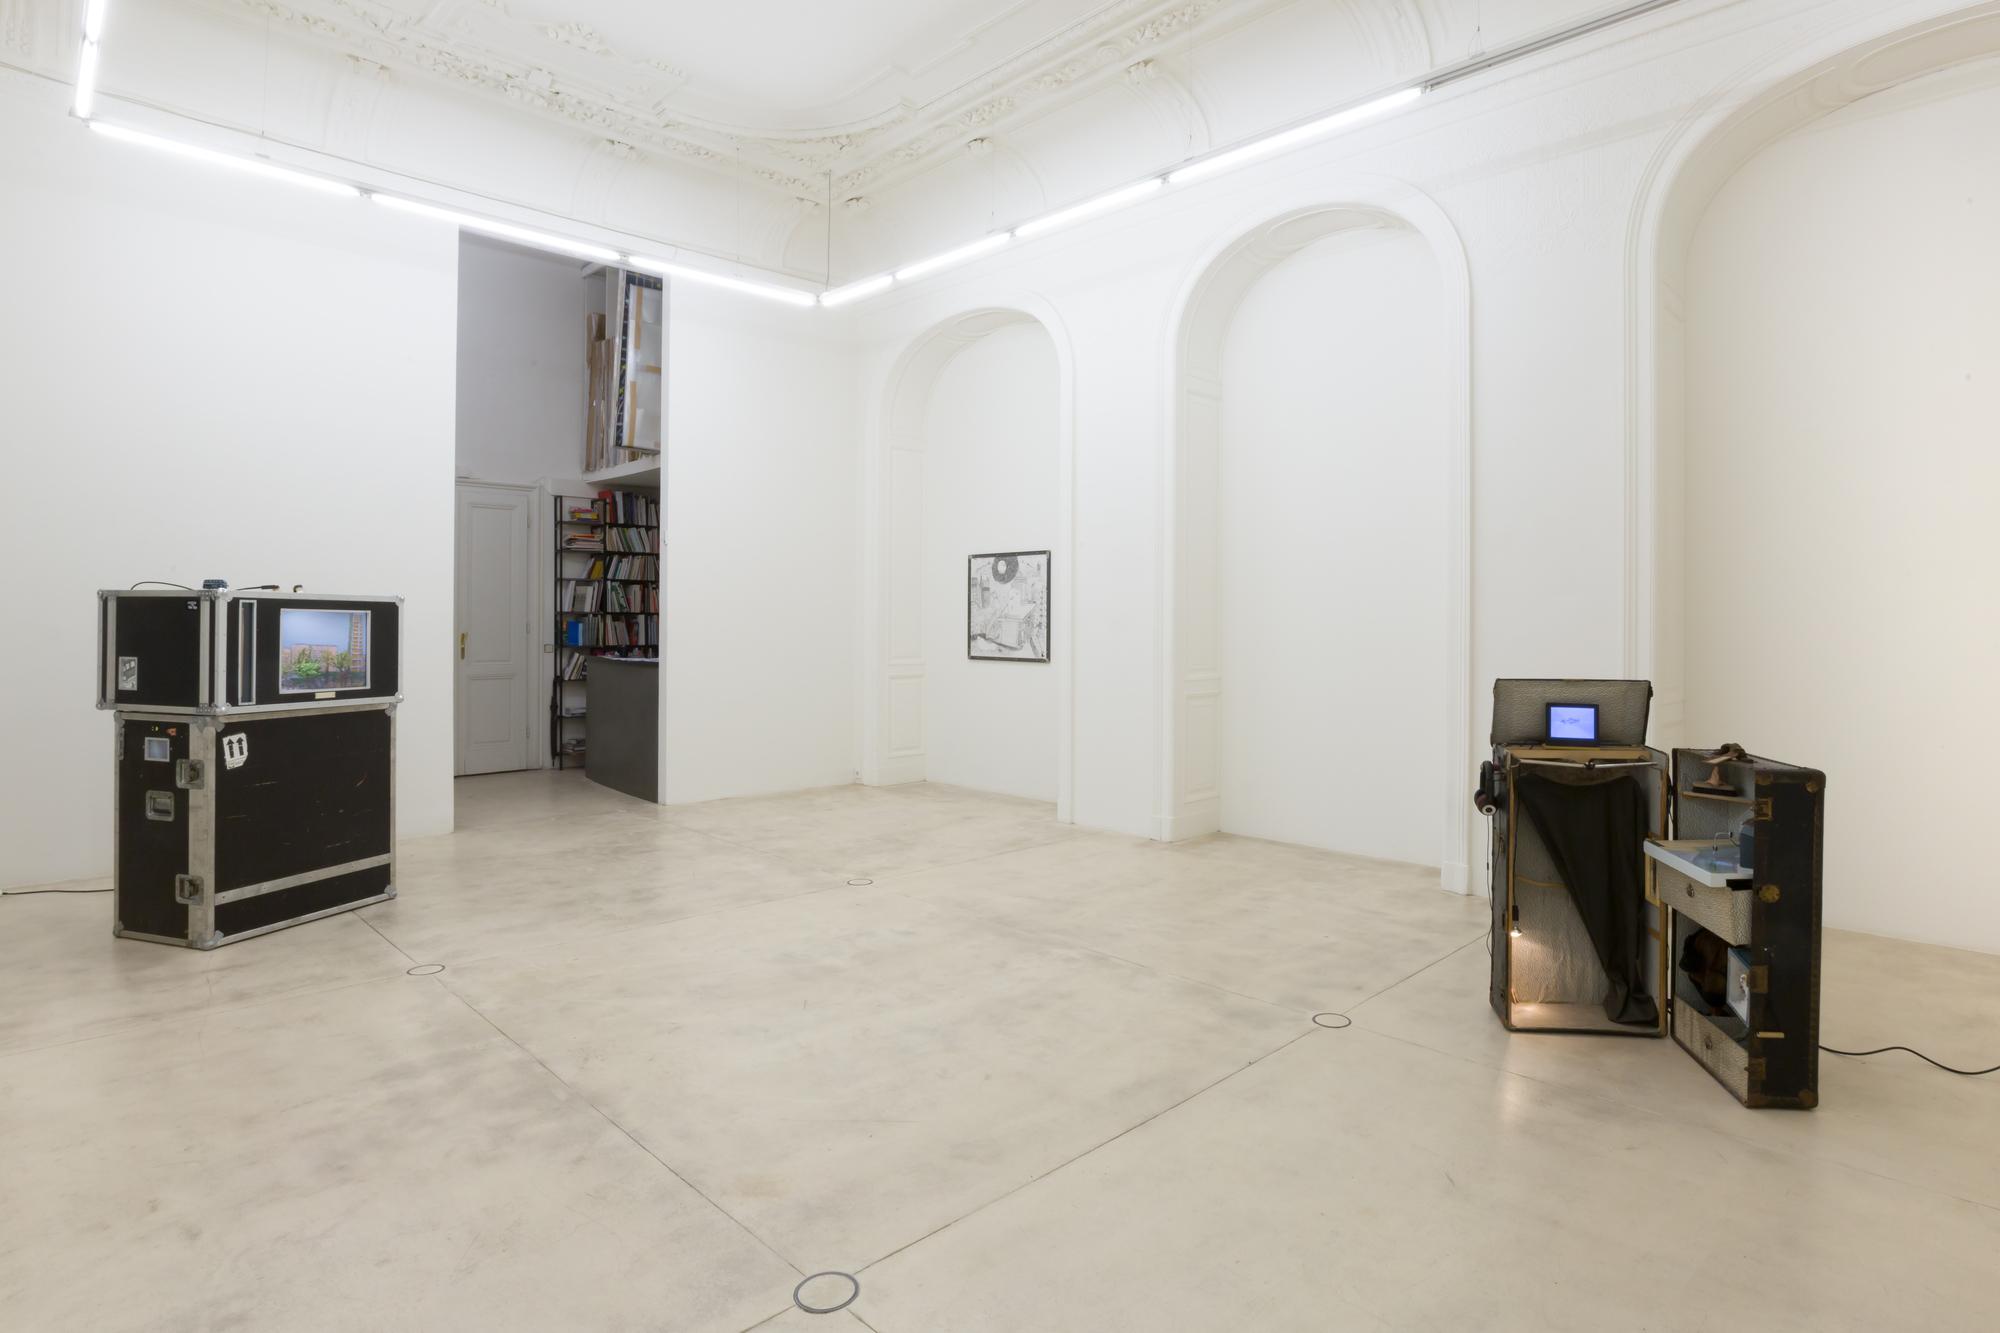 Linus Riepler Kunst kaufen bei den Experten für Zeitgenössische Kunst.